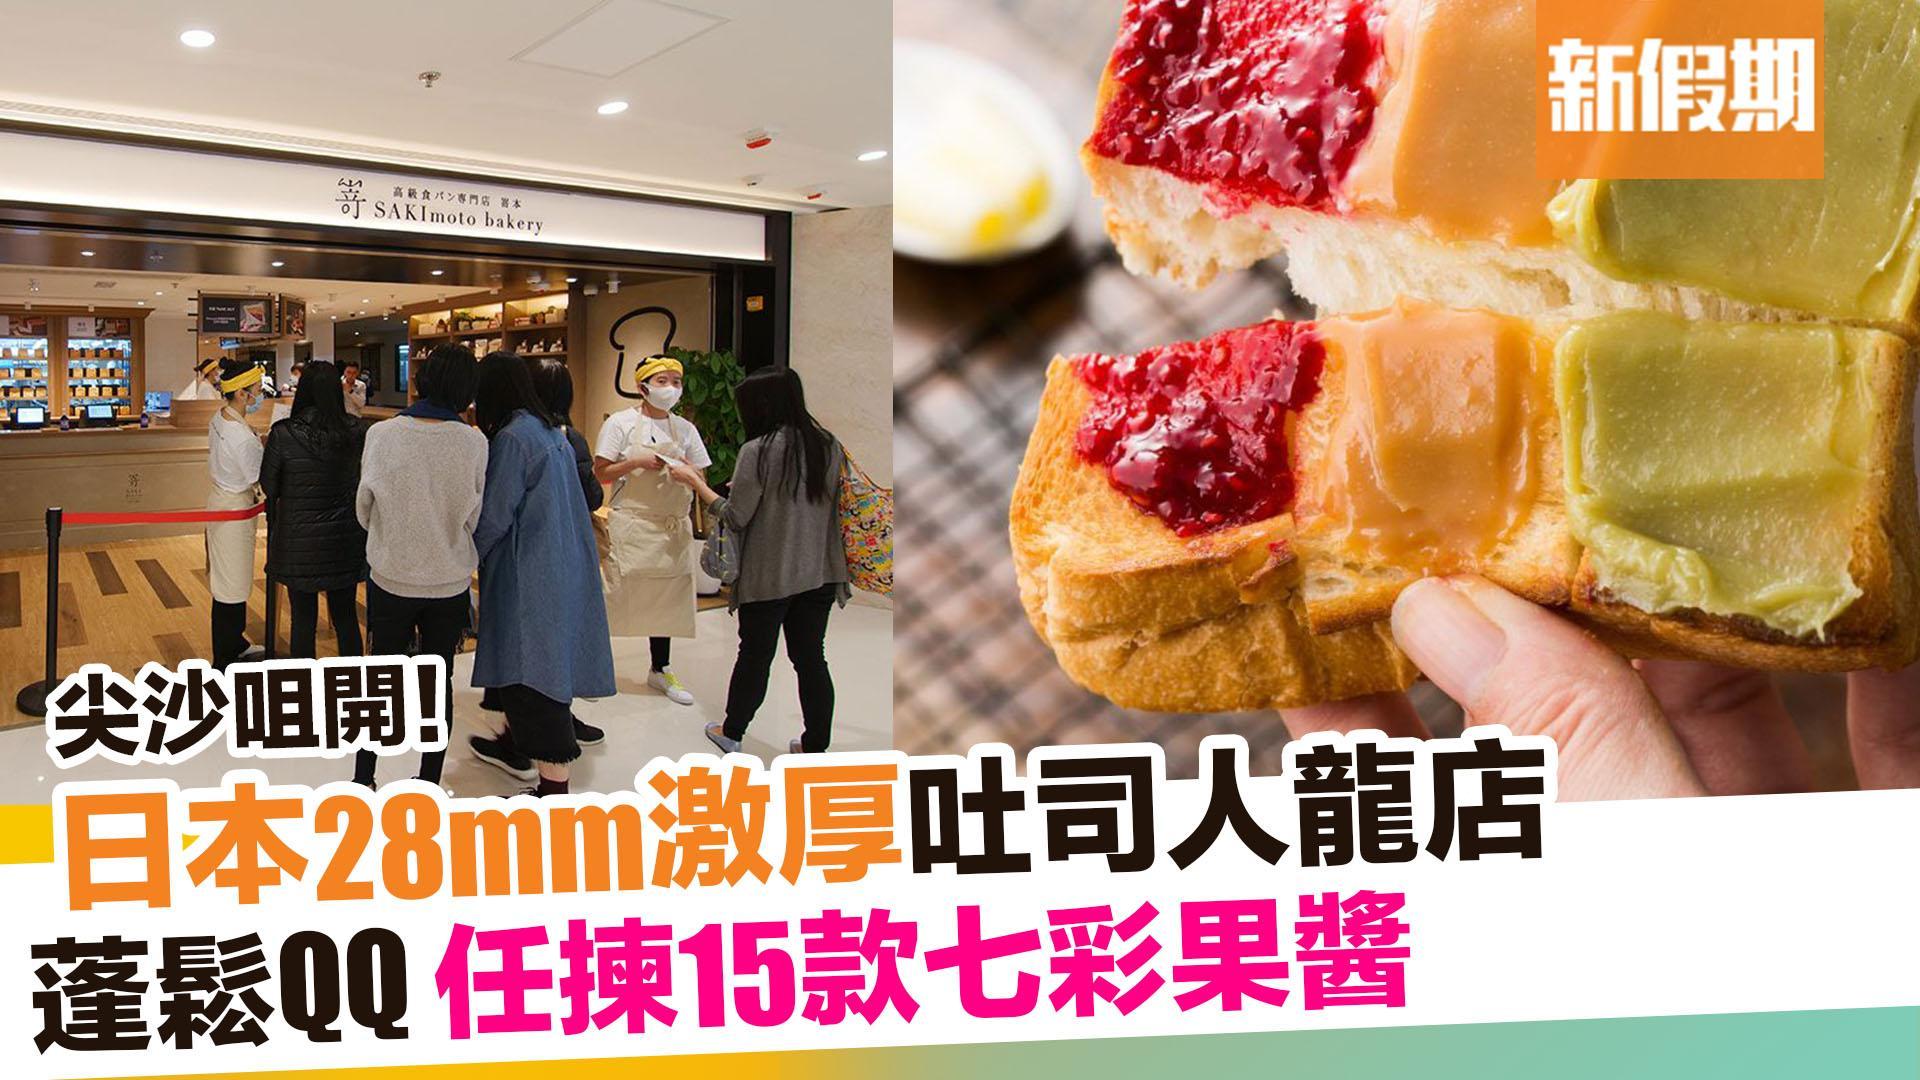 【區區搵食】日本生吐司店SAKImoto bakery嵜本香港插旗! 新假期